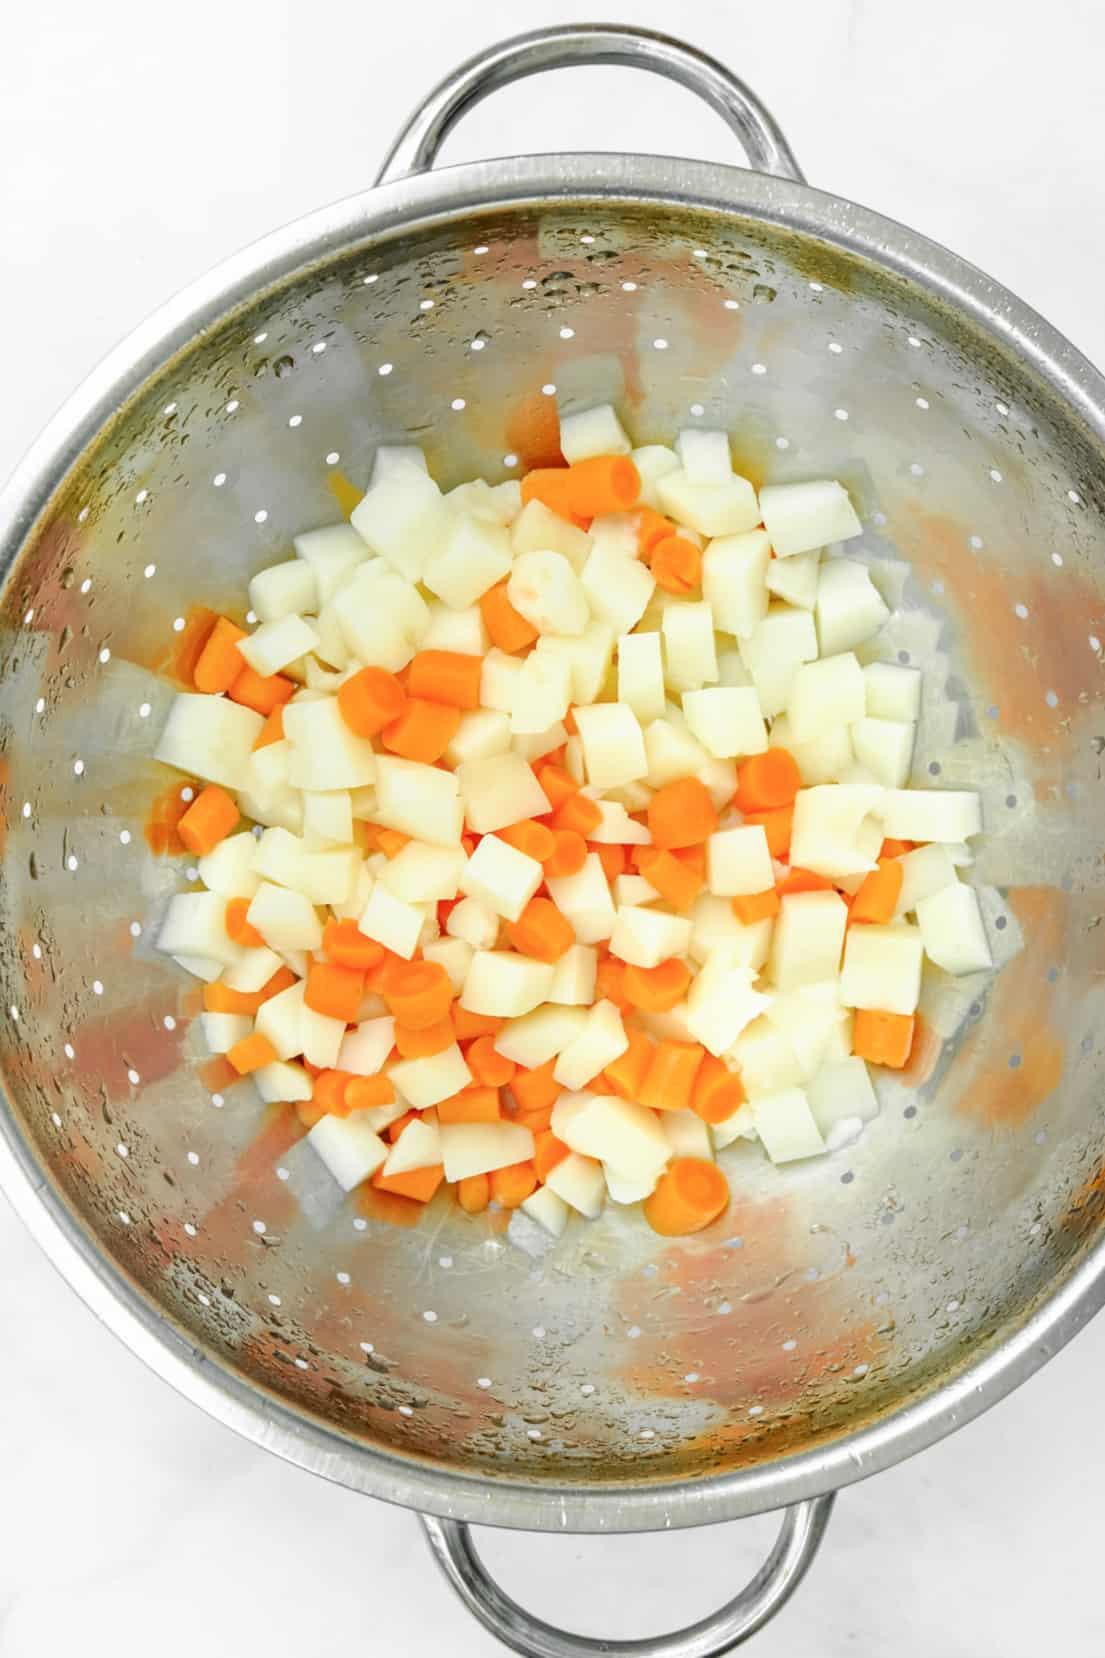 draining vegetables